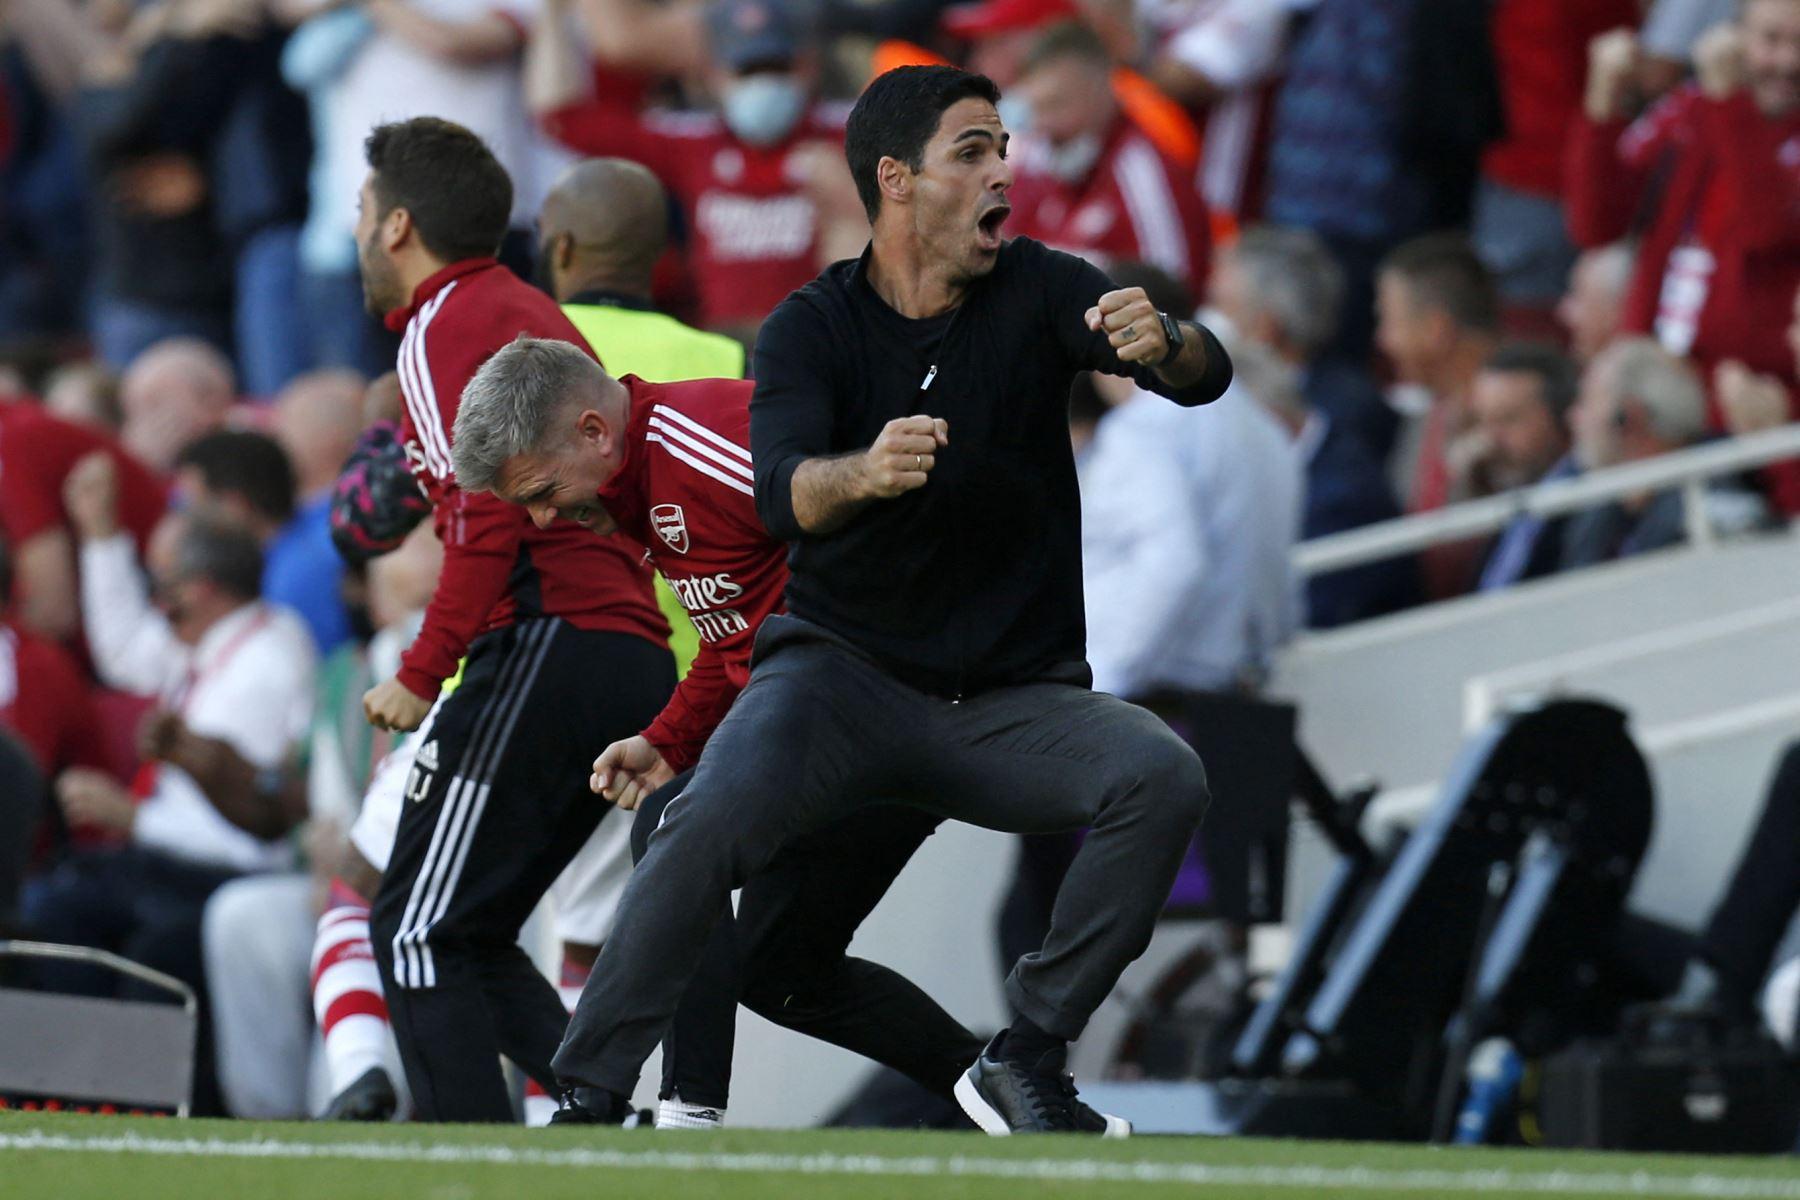 El técnico español del Arsenal, Mikel Arteta, reacciona tras el tercer gol de su equipo durante el partido de la Premier League. Foto: AFP